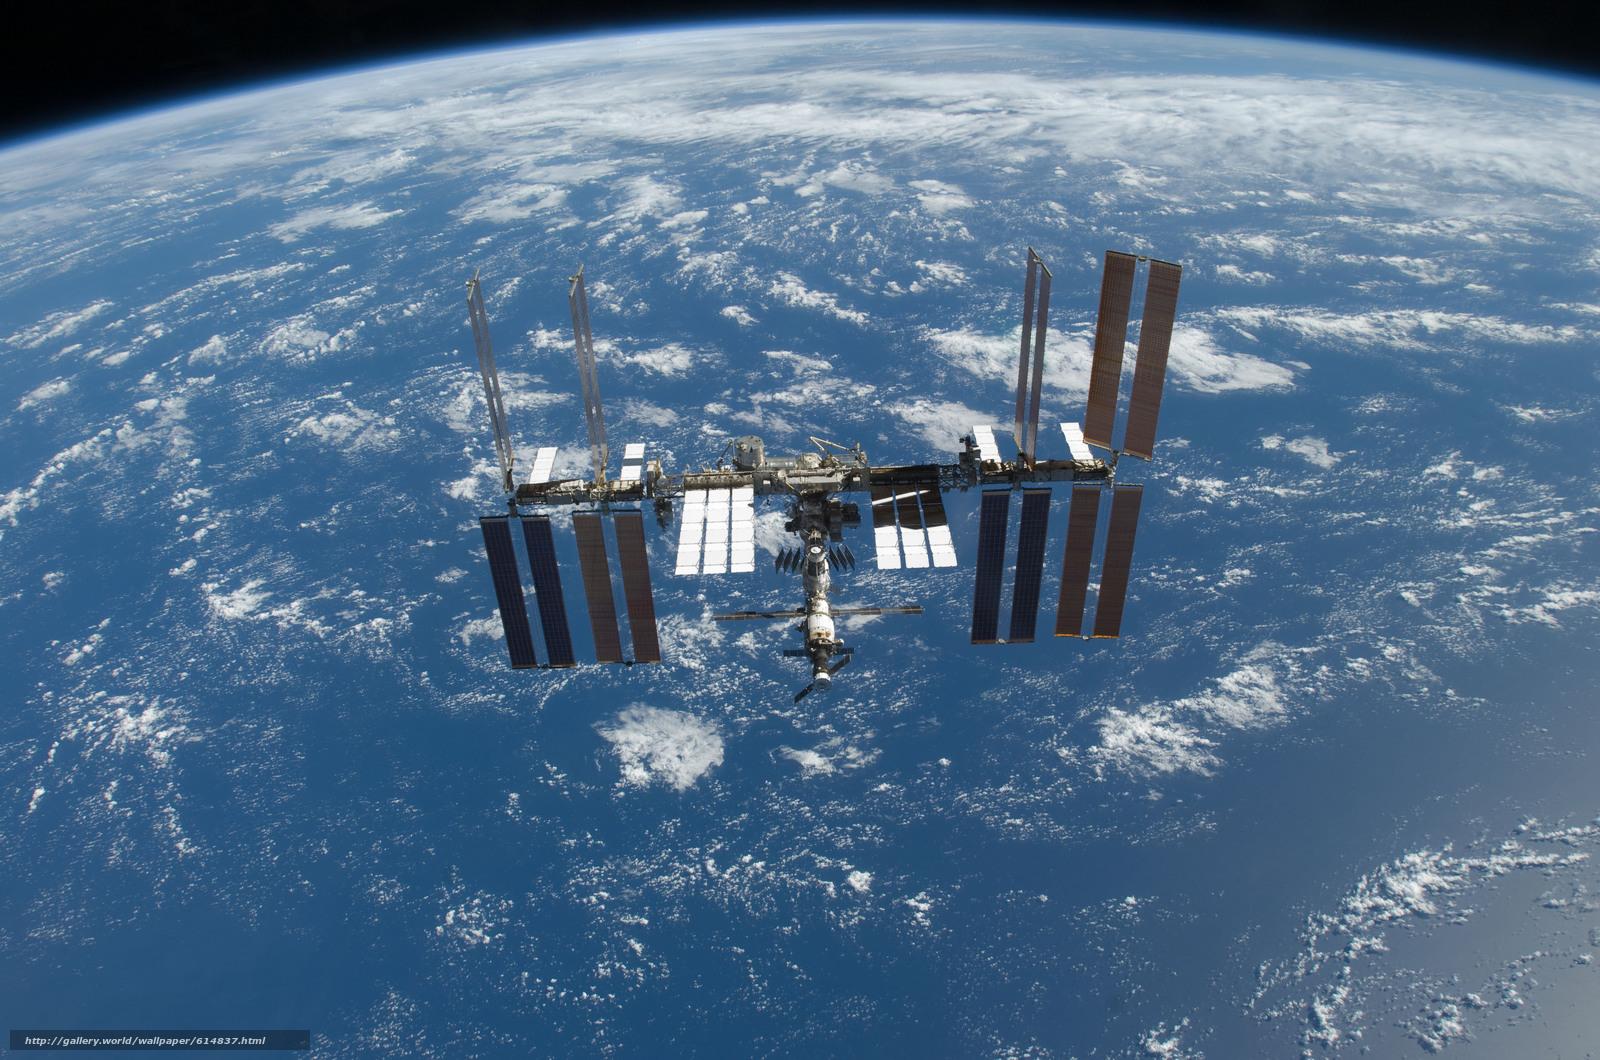 Скачать обои МКС,  Земля,  космос,  наука бесплатно для рабочего стола в разрешении 4288x2840 — картинка №614837